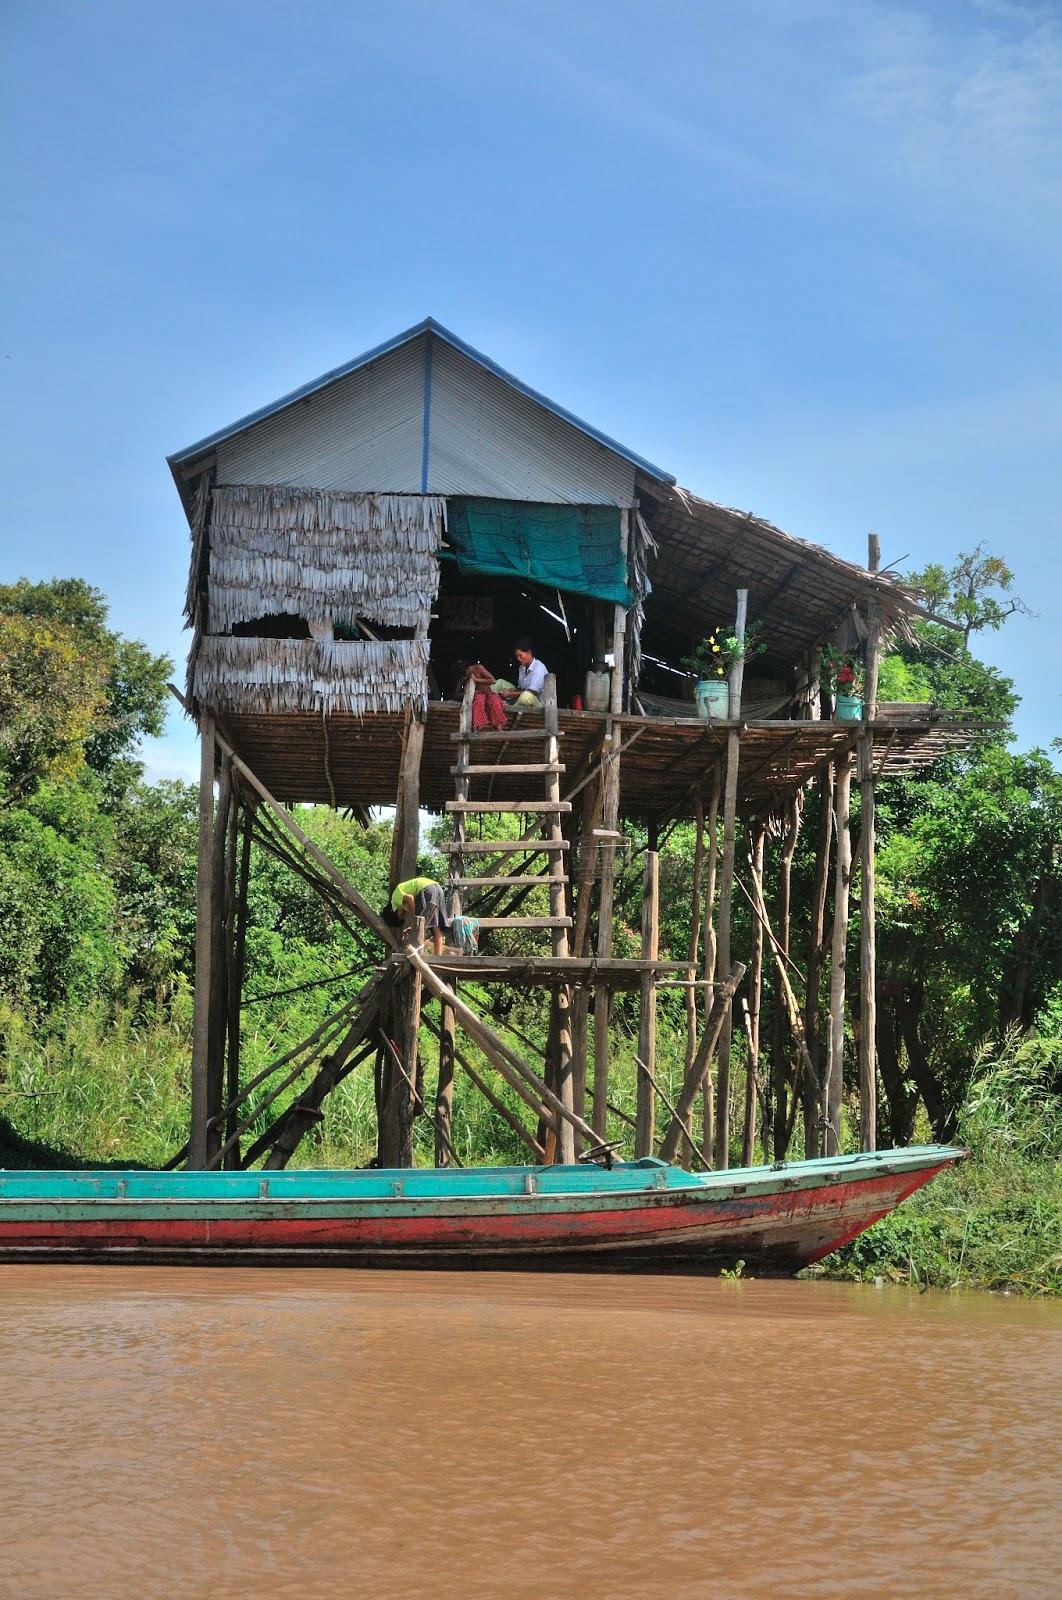 Racconto viaggio cambogia fantasieidiviaggio it for Piccoli progetti di palafitte